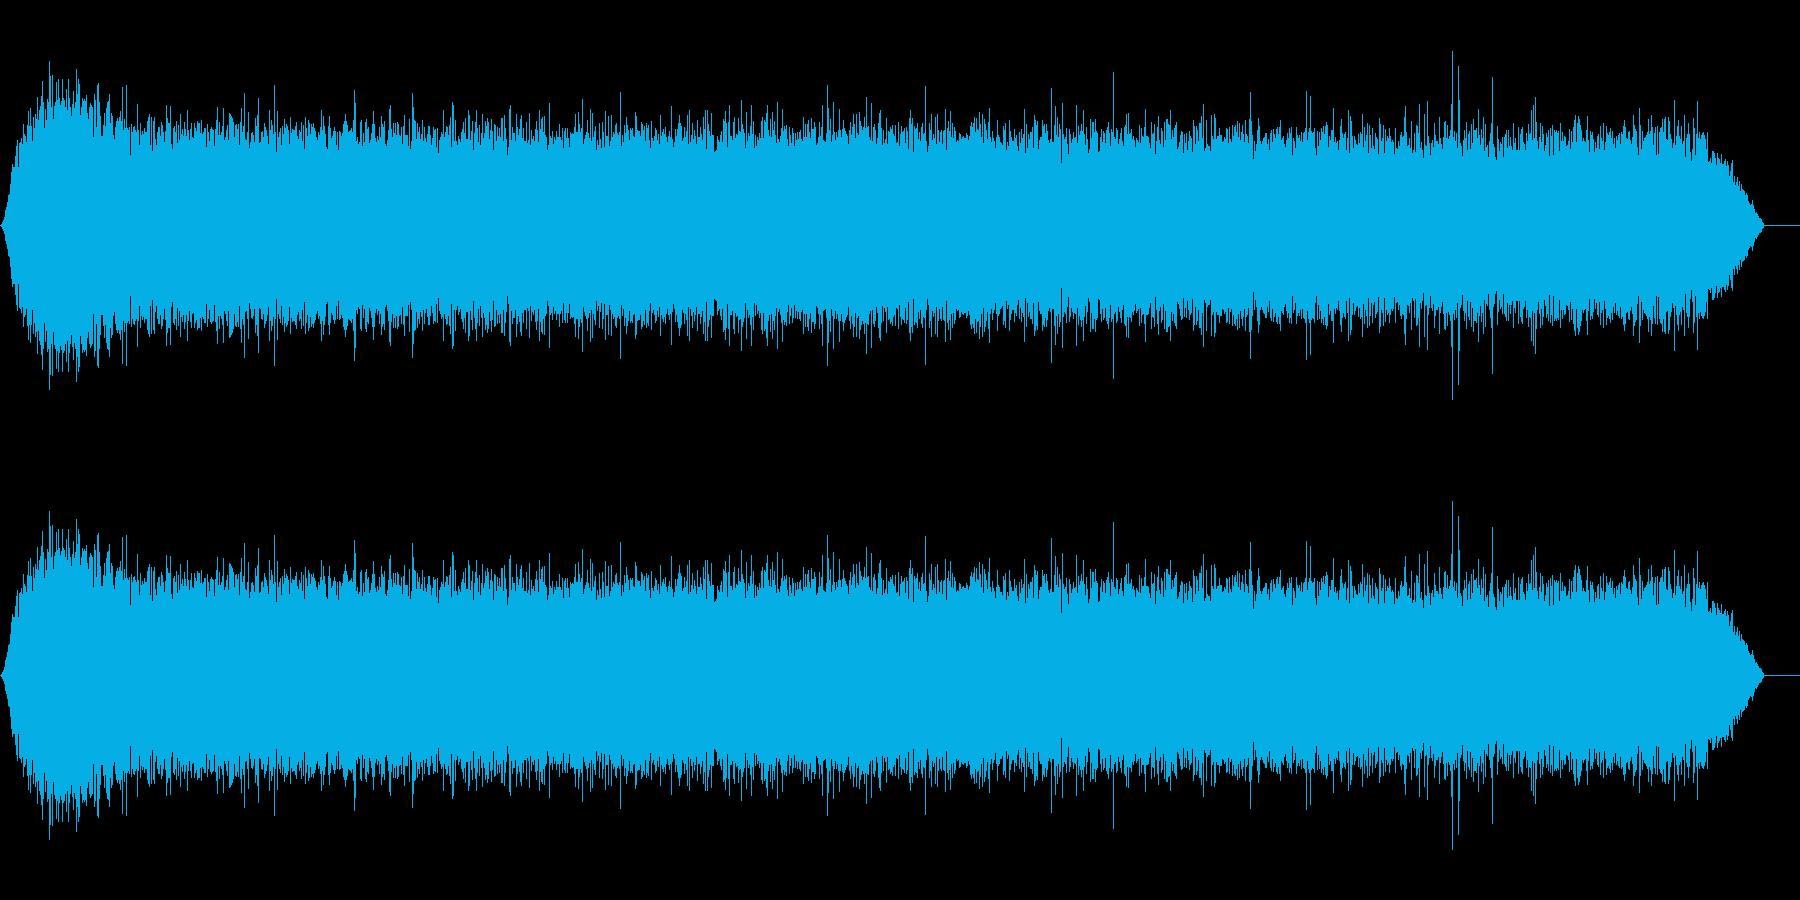 雨の音(ザー)パート01の再生済みの波形